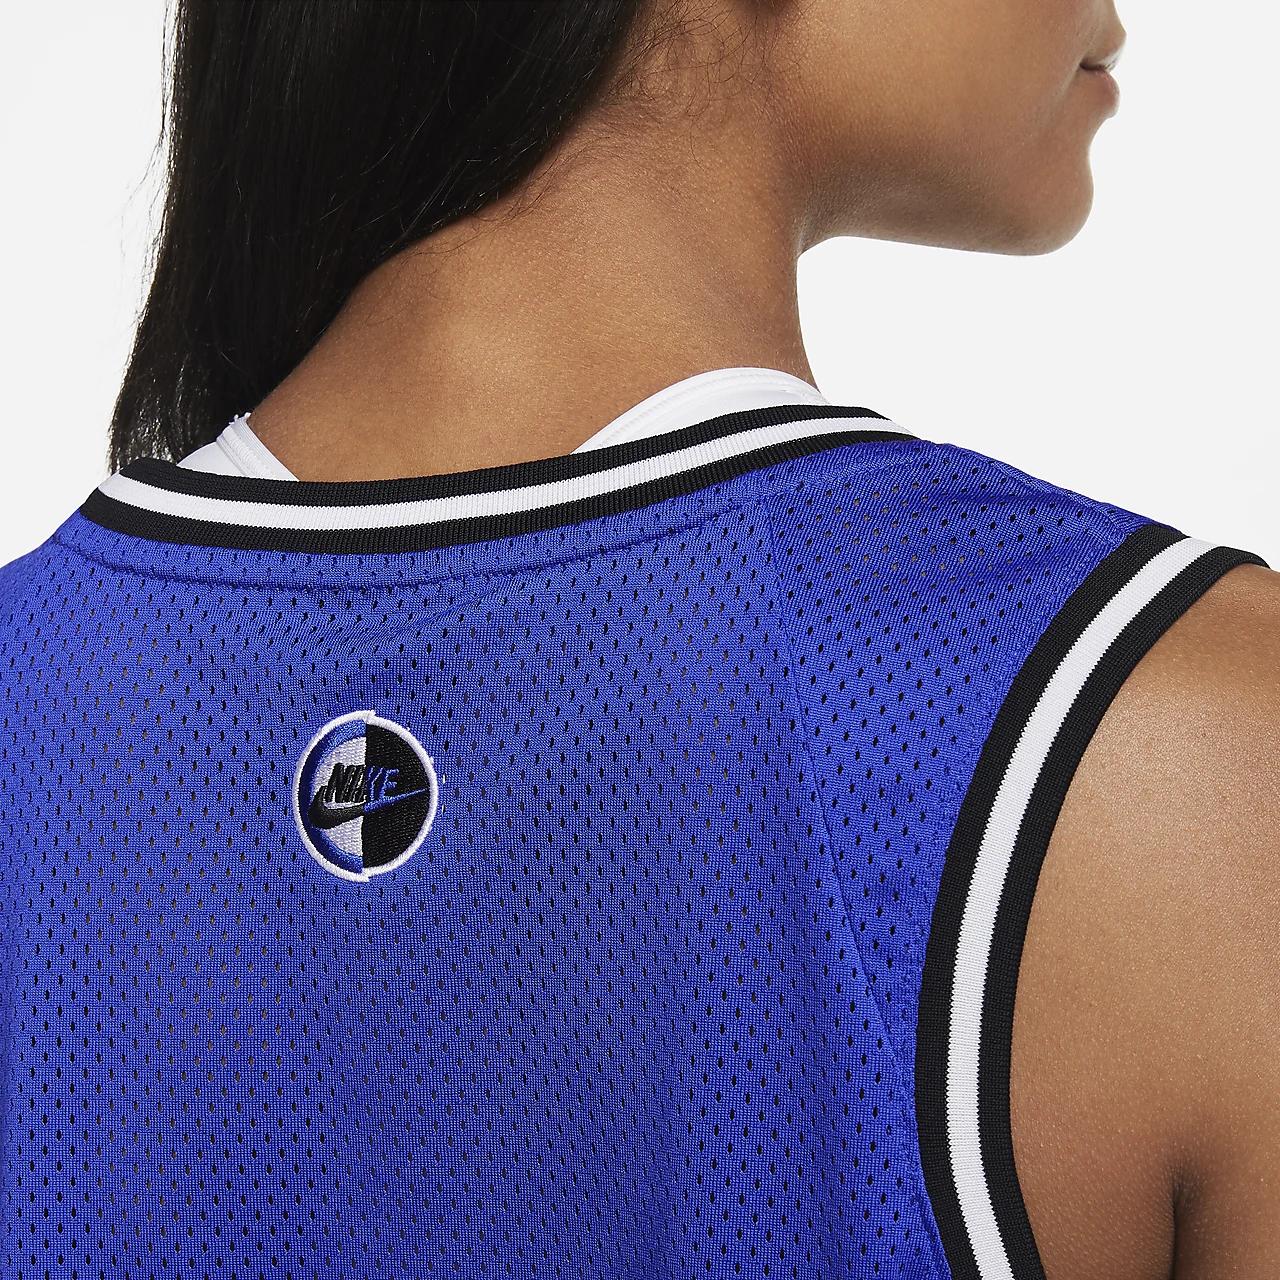 Nike Sportswear Women's Cropped Jersey CU6785-405